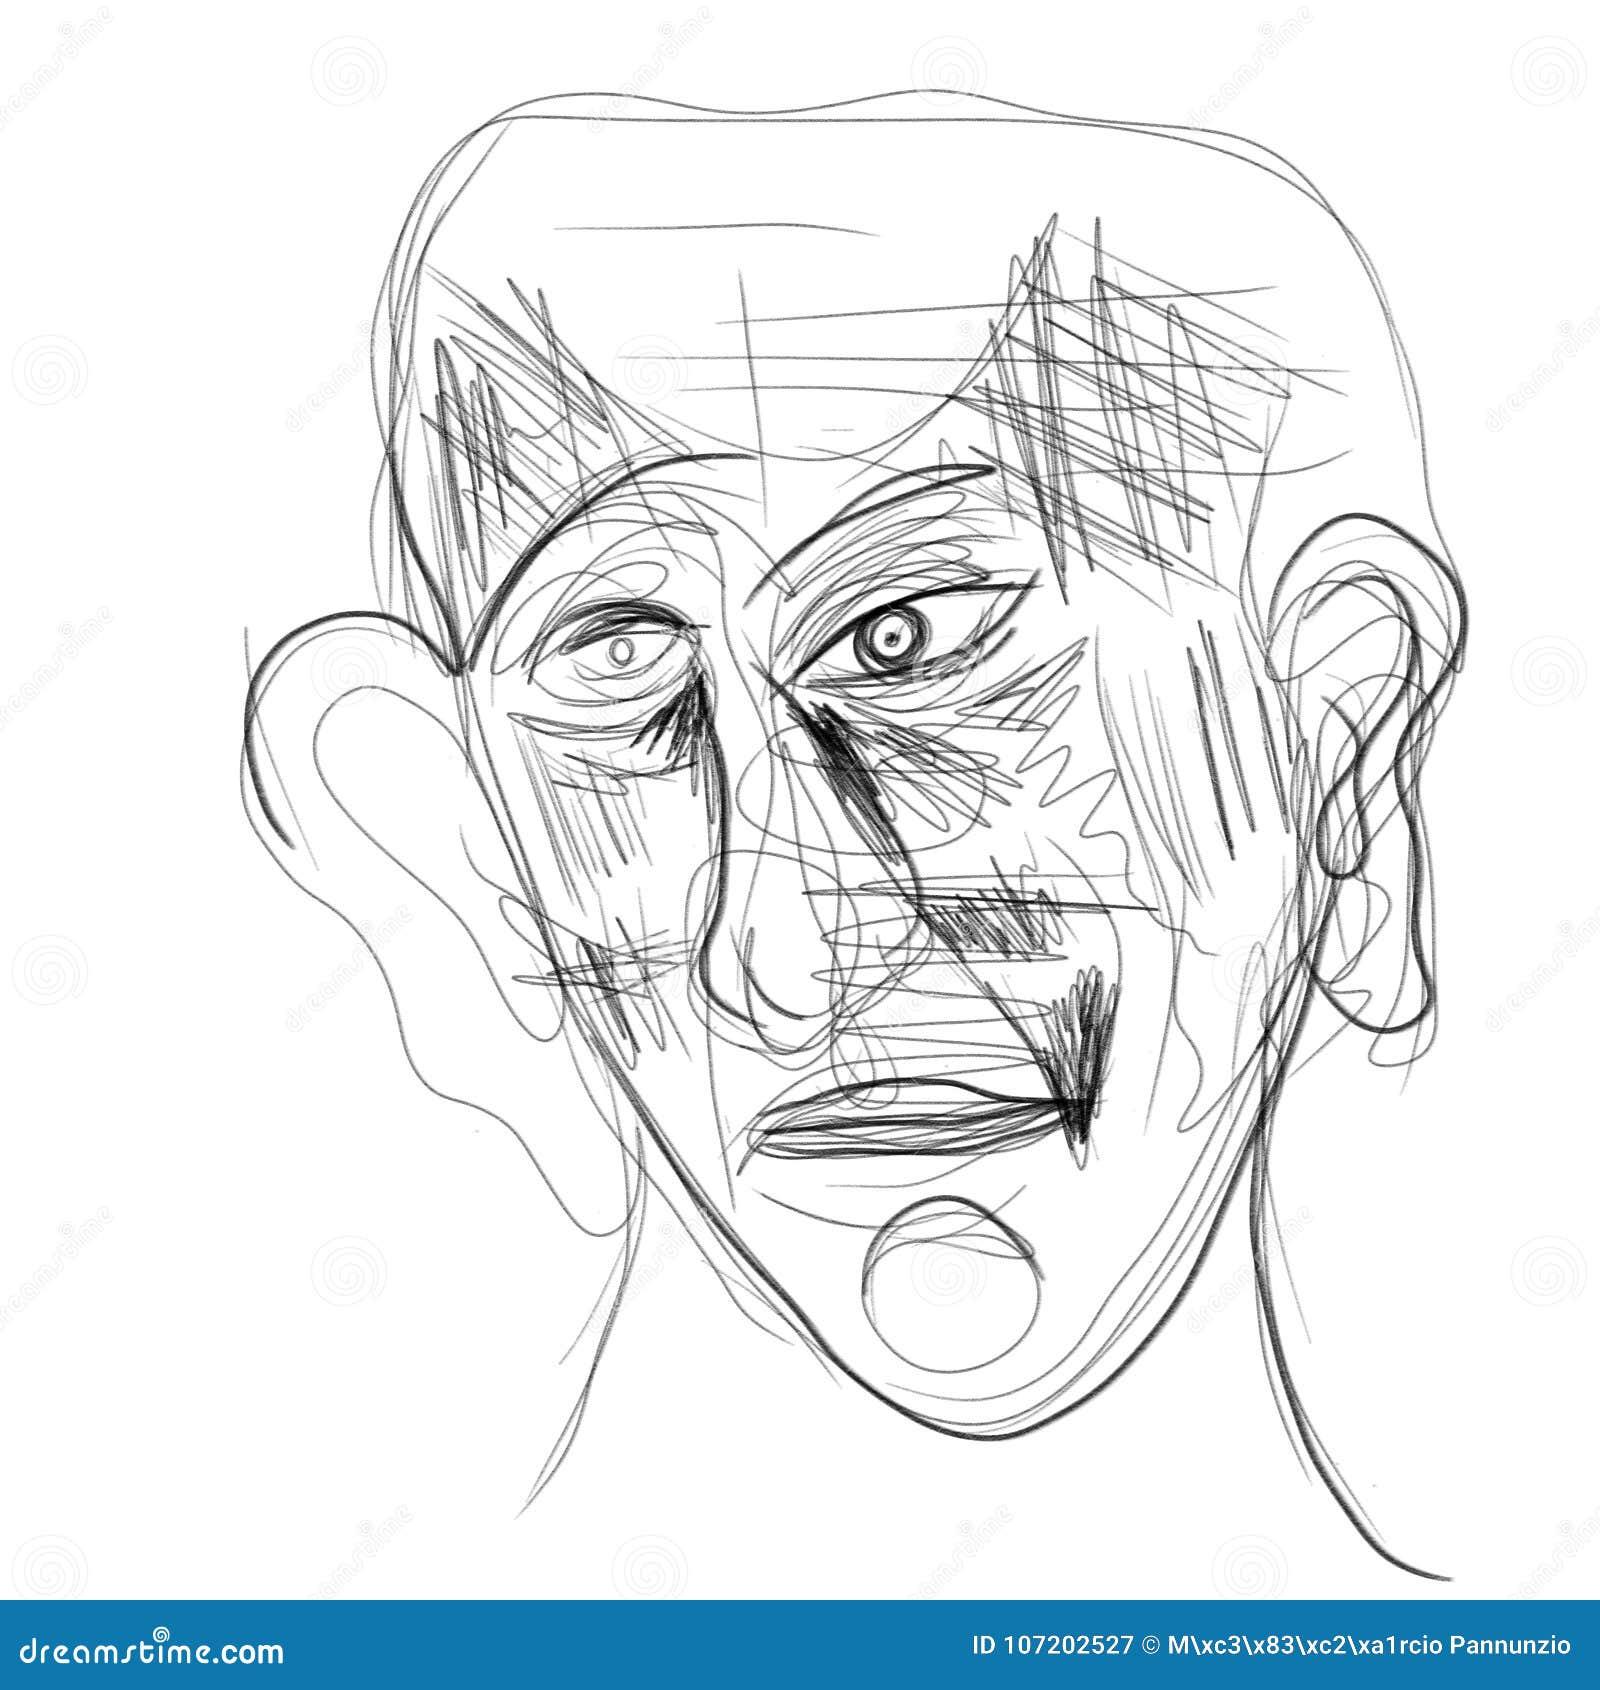 Ilustração Feita Na Tabuleta Que Descreve Um Rosto Humano